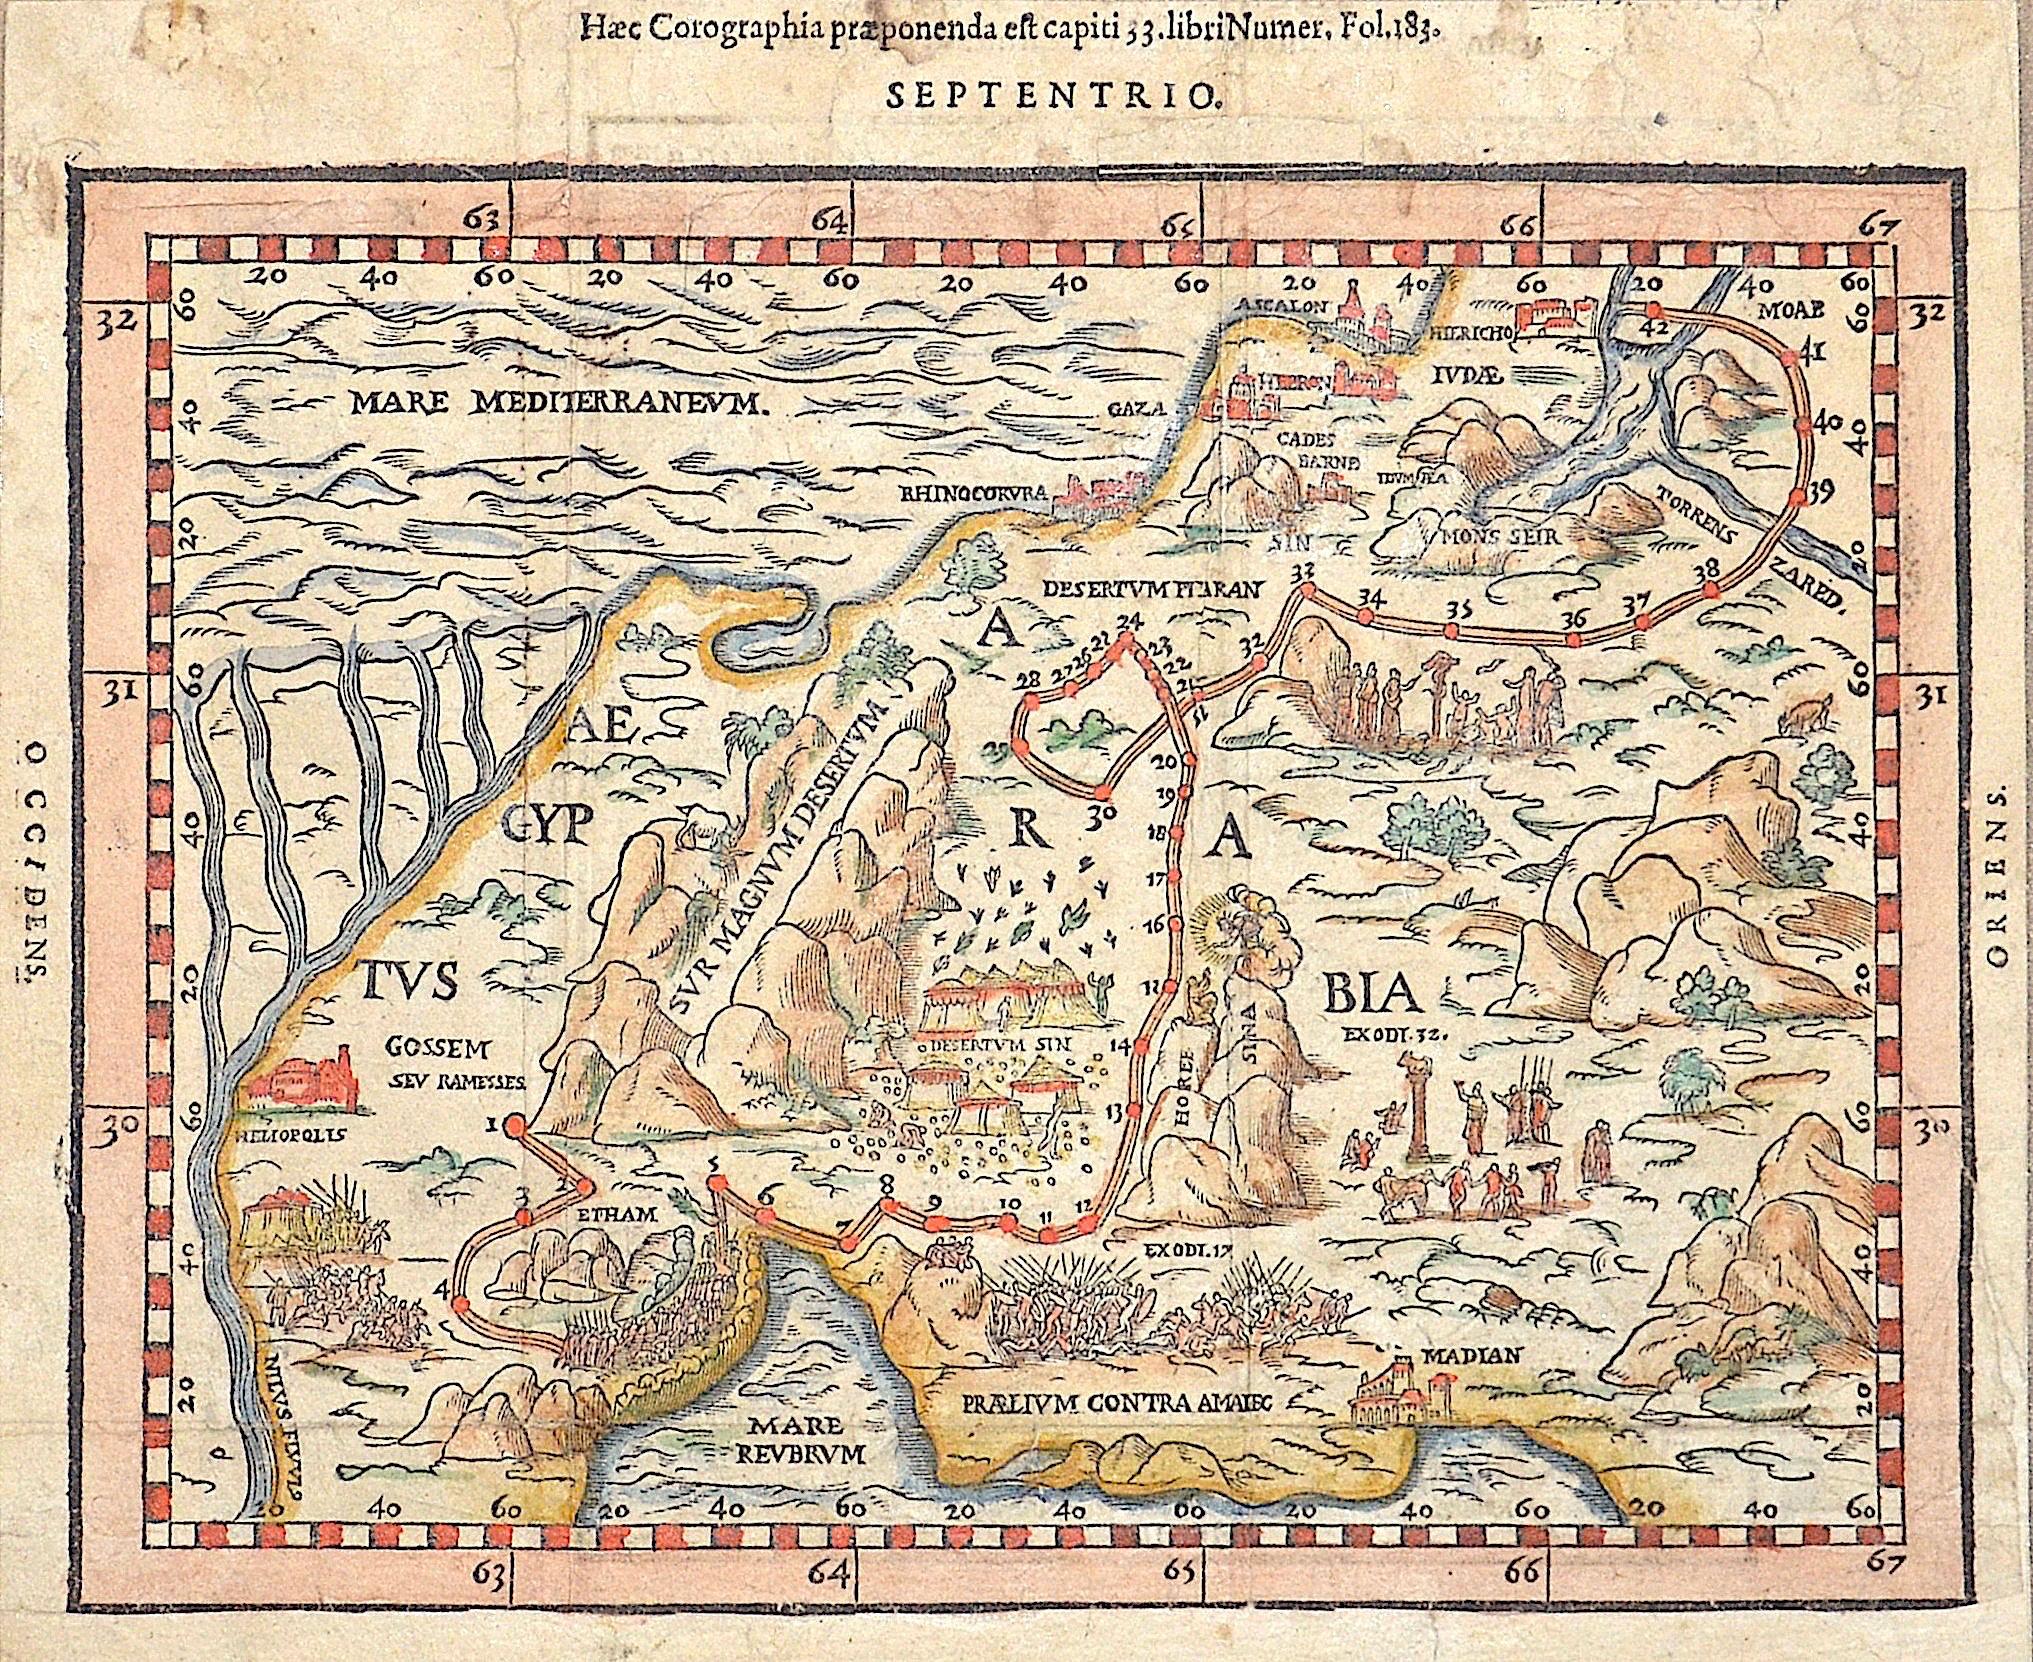 Guarinus  Haec Corographia praeponenda est capiti 33. Libri Numer, Fol. 183